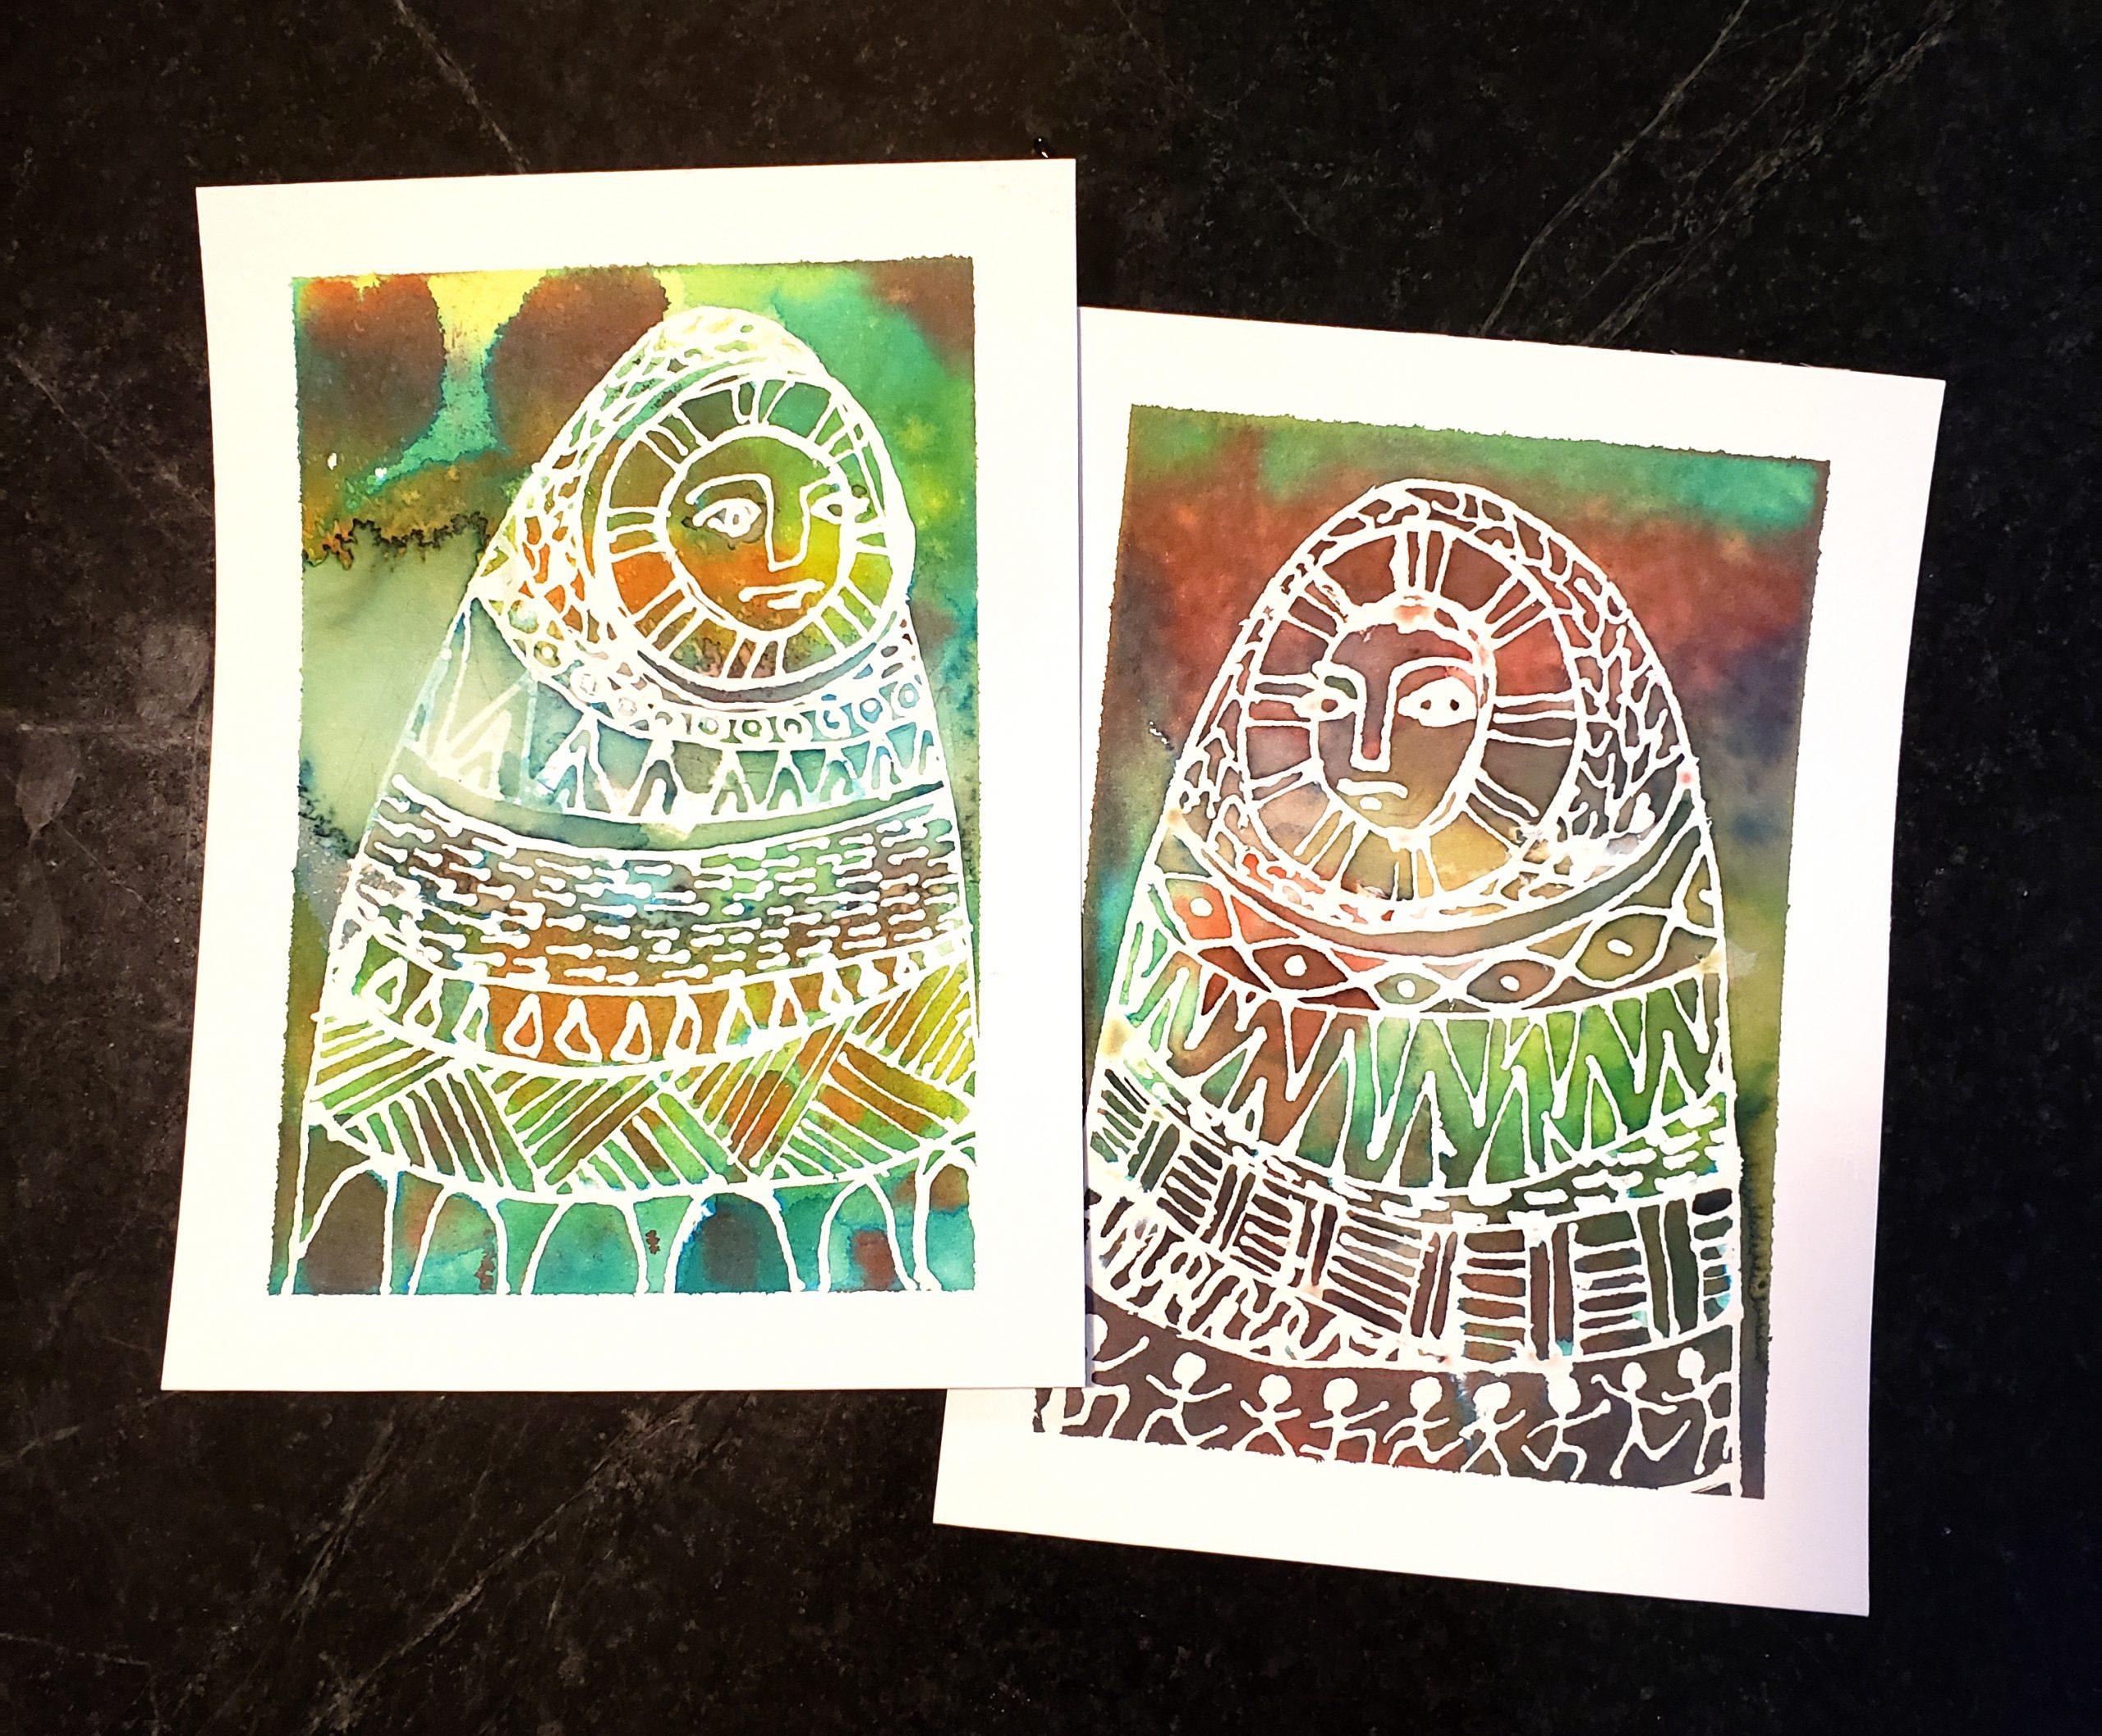 Small watercolor studies